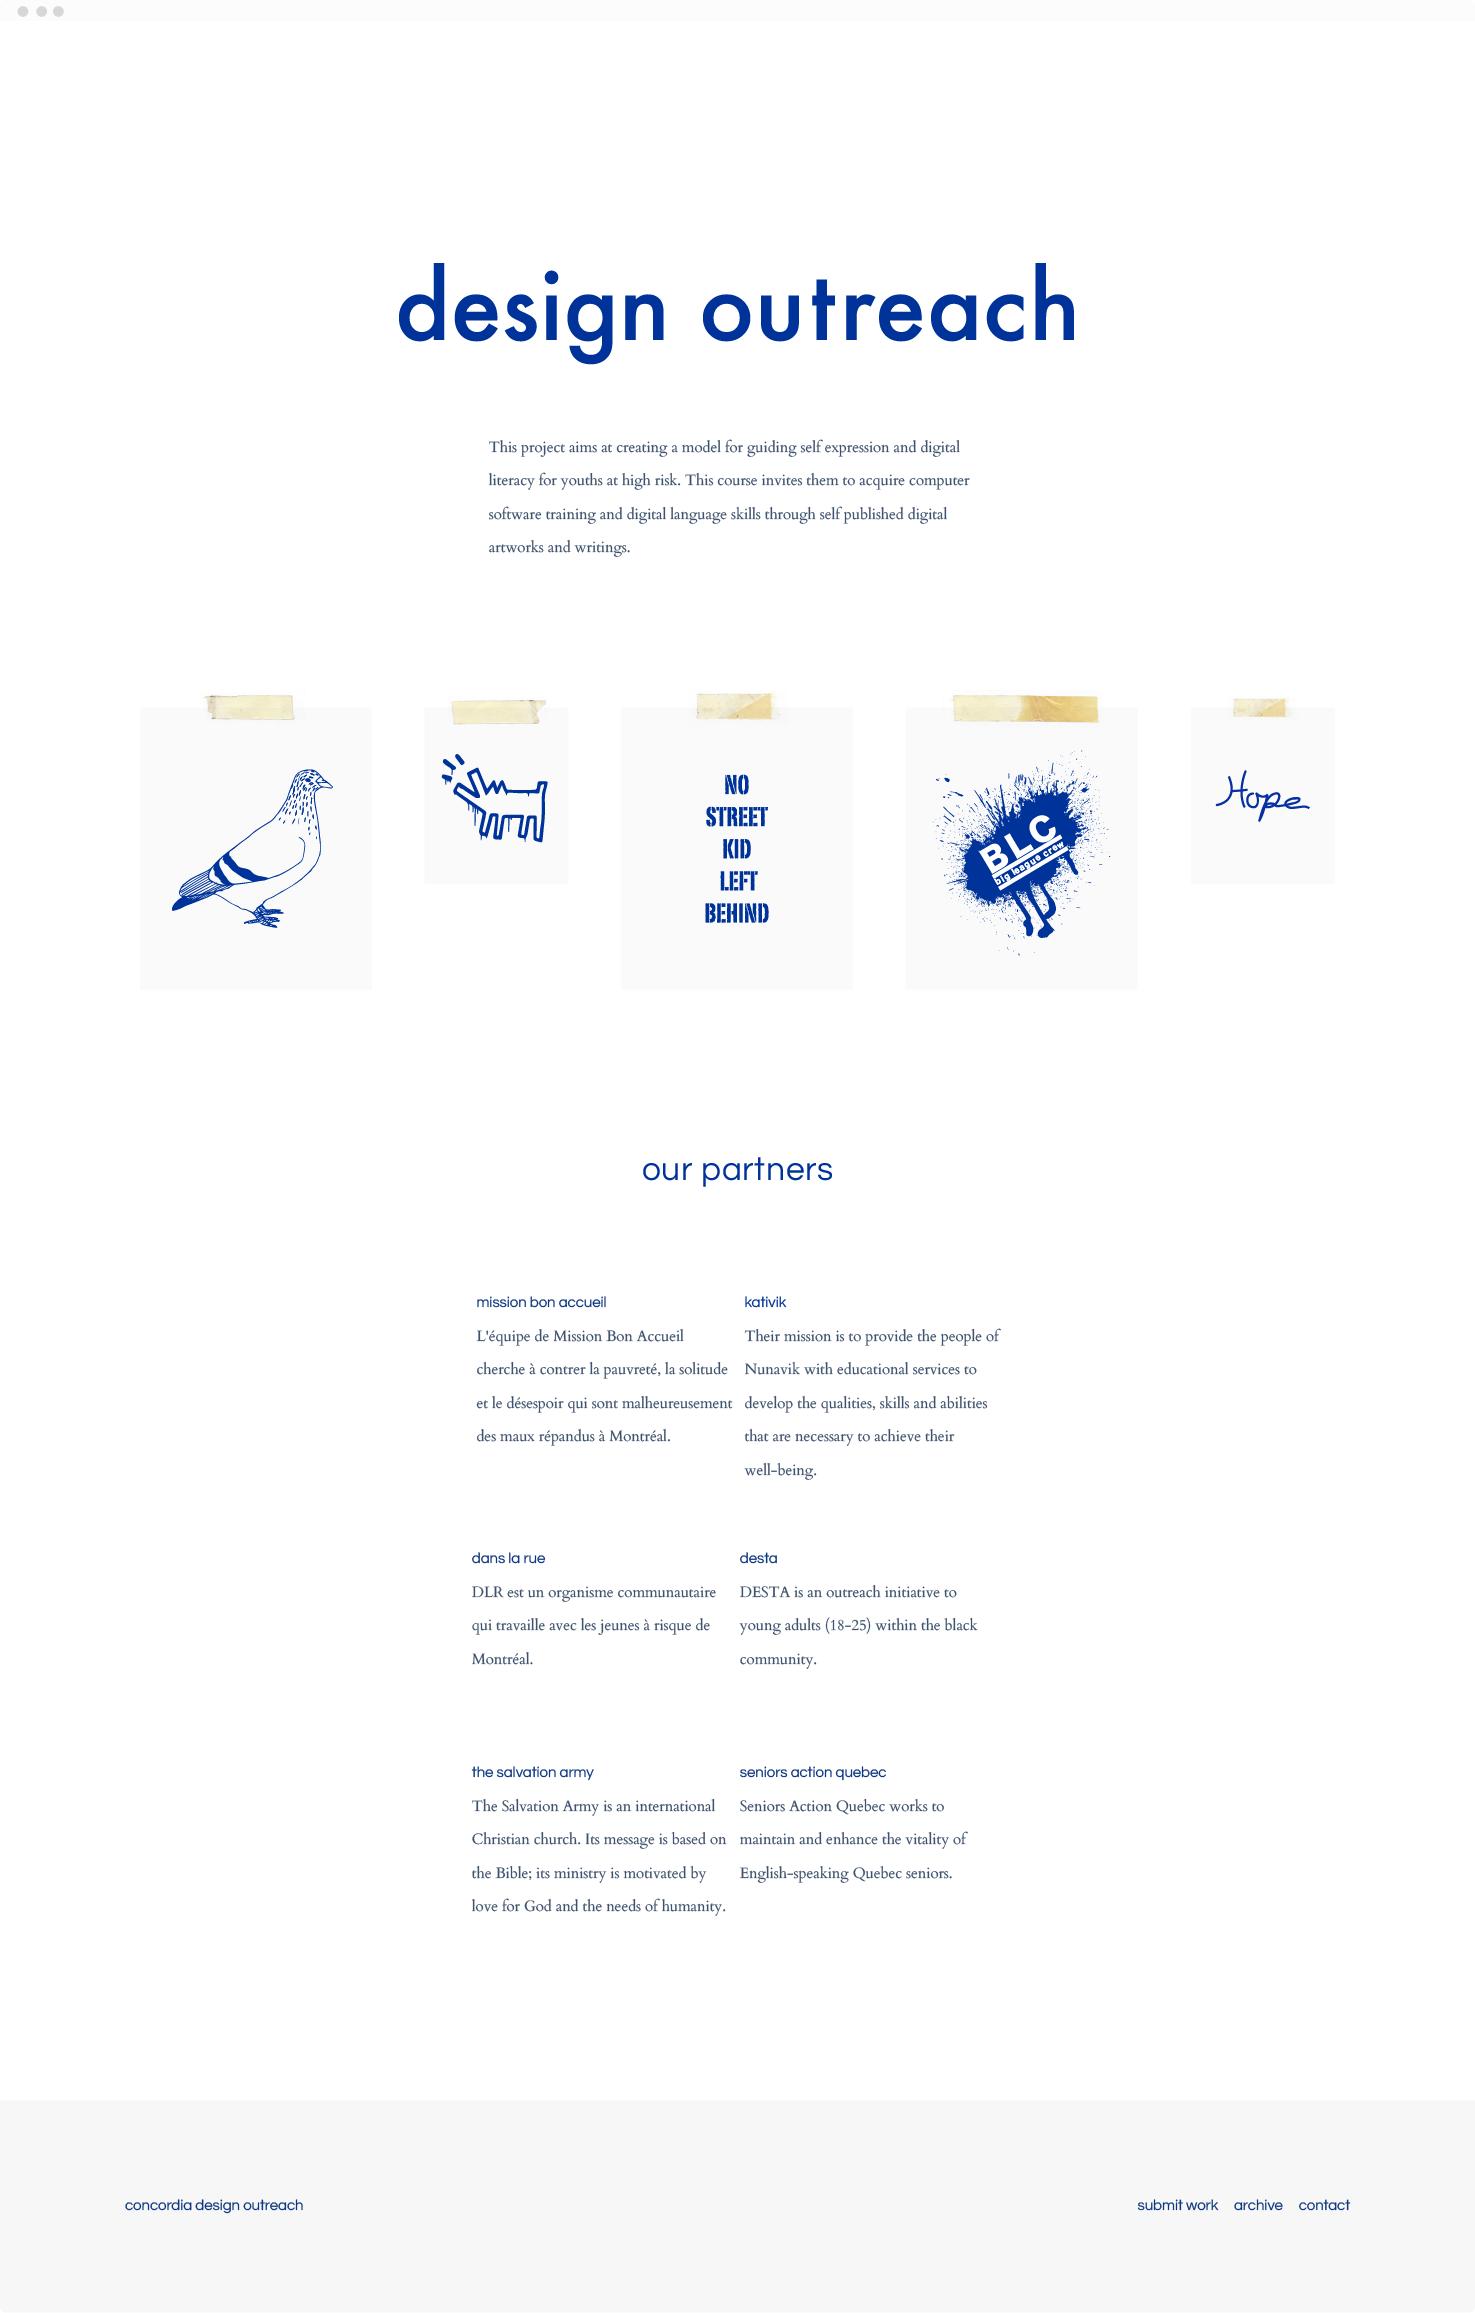 Blog Design for Design Outreach